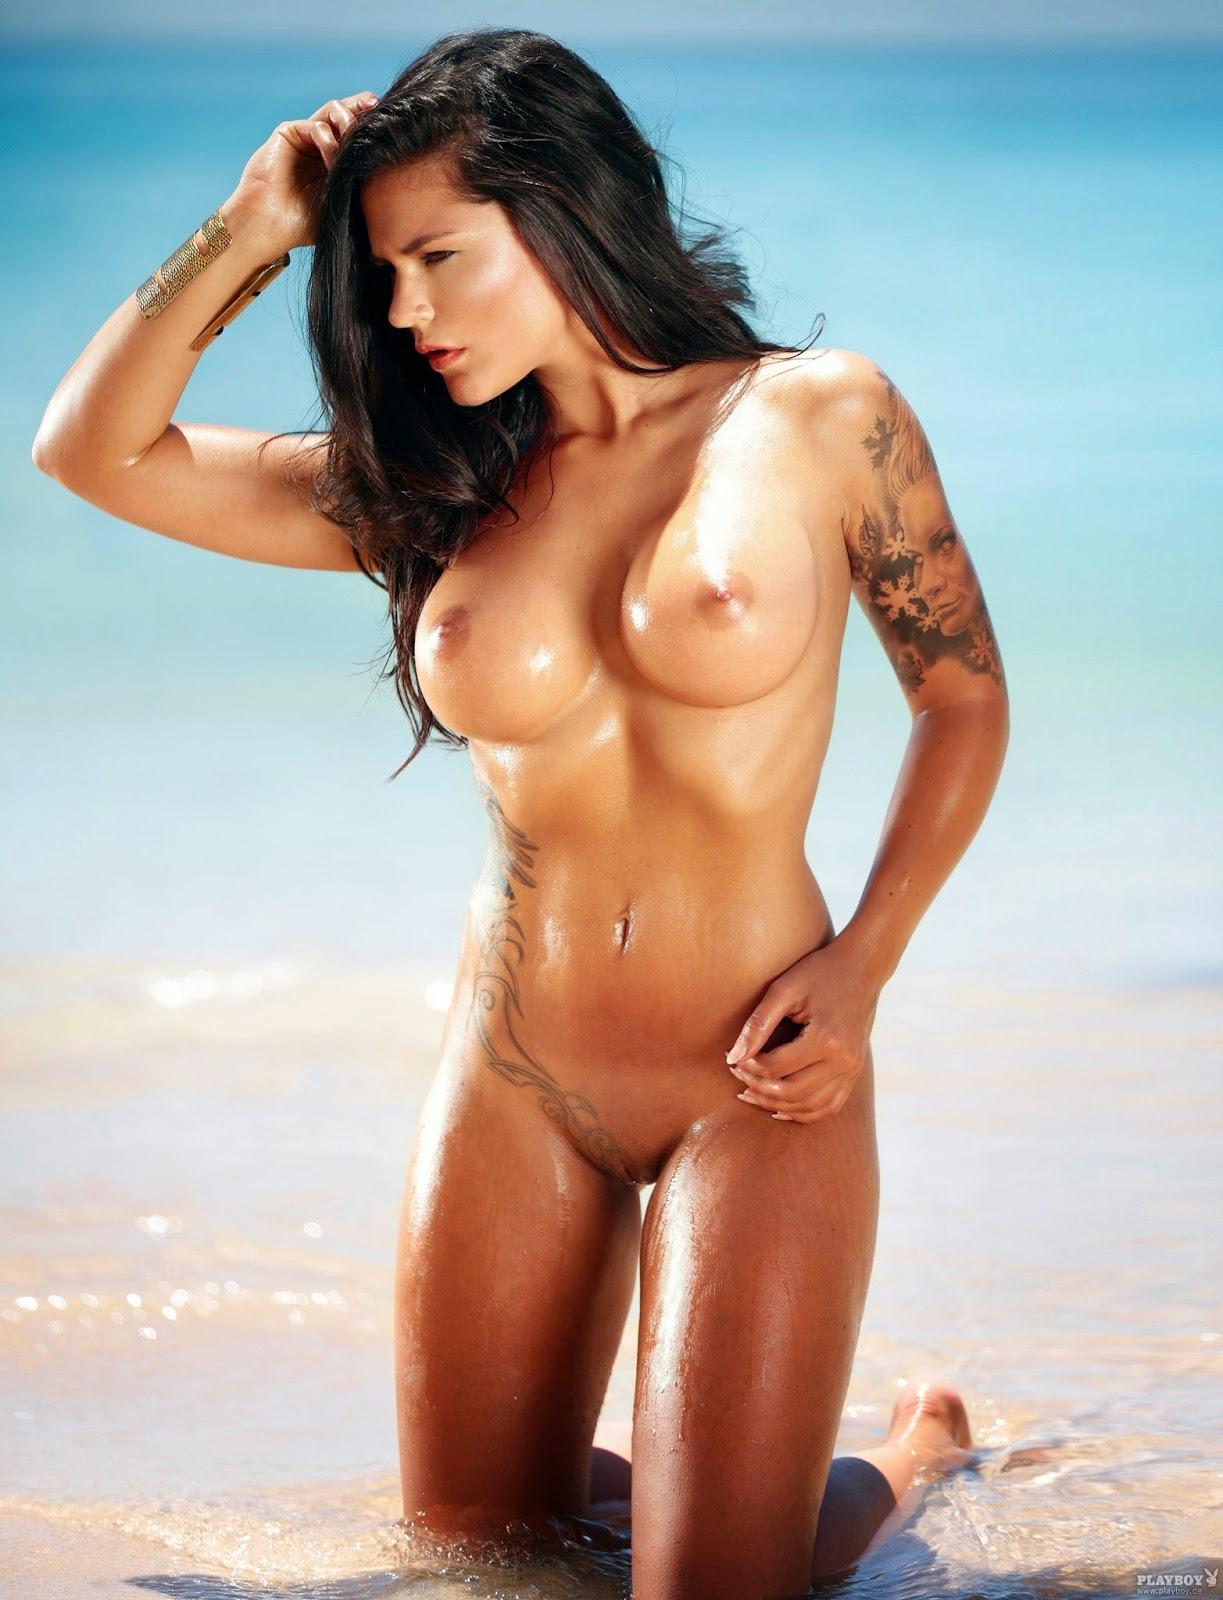 Devore ledridge naked